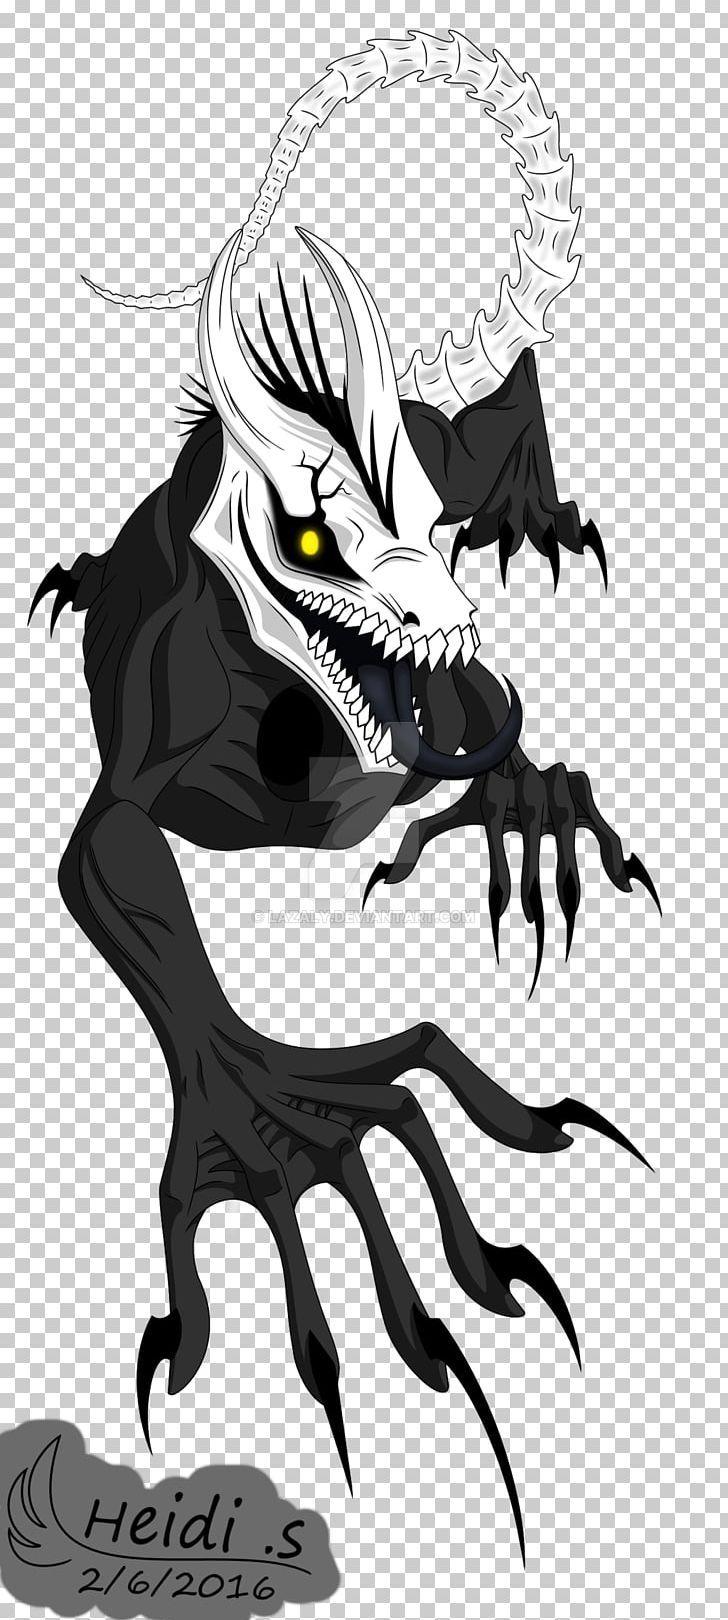 Ichigo Kurosaki Hollow Bleach Fan Art Png Art Black And White Bleach Cartoon Deviantart Hollow Bleach Bleach Fanart Fan Art